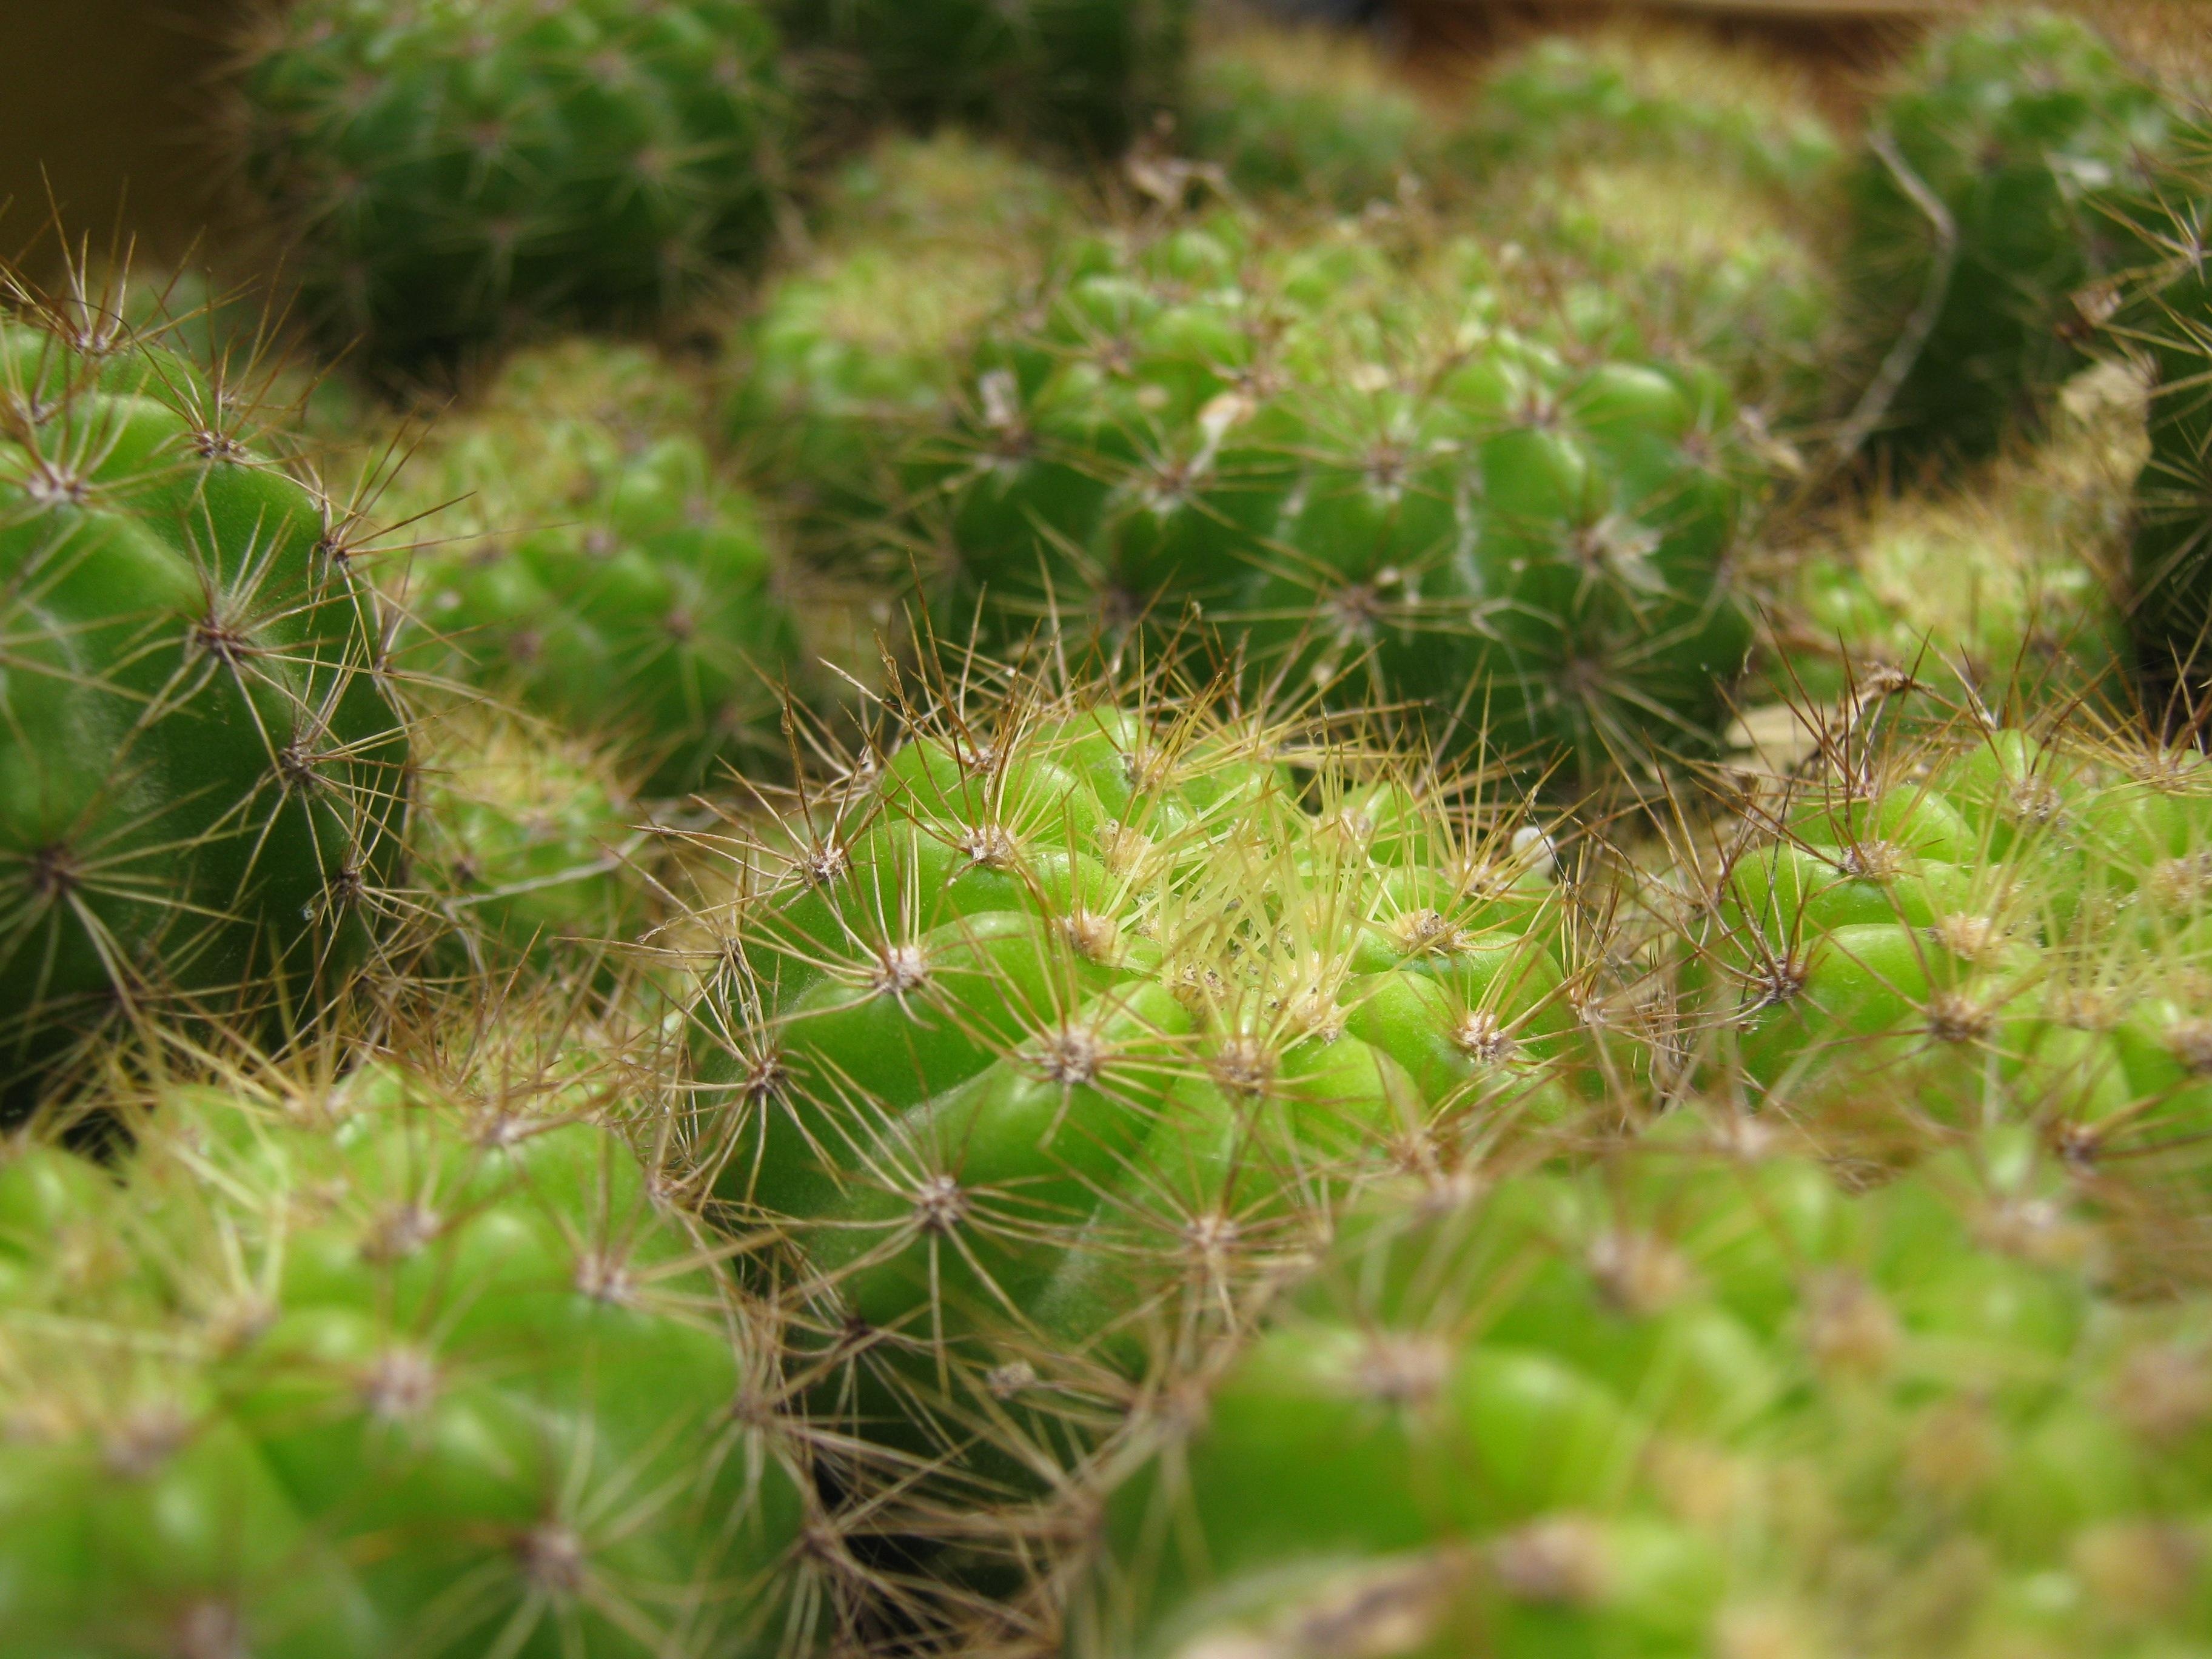 112327 descargar fondo de pantalla Macro, Cactus, Cacto, Espinas, Planta De Interior, Houseplant, De Cerca, Primer Plano: protectores de pantalla e imágenes gratis